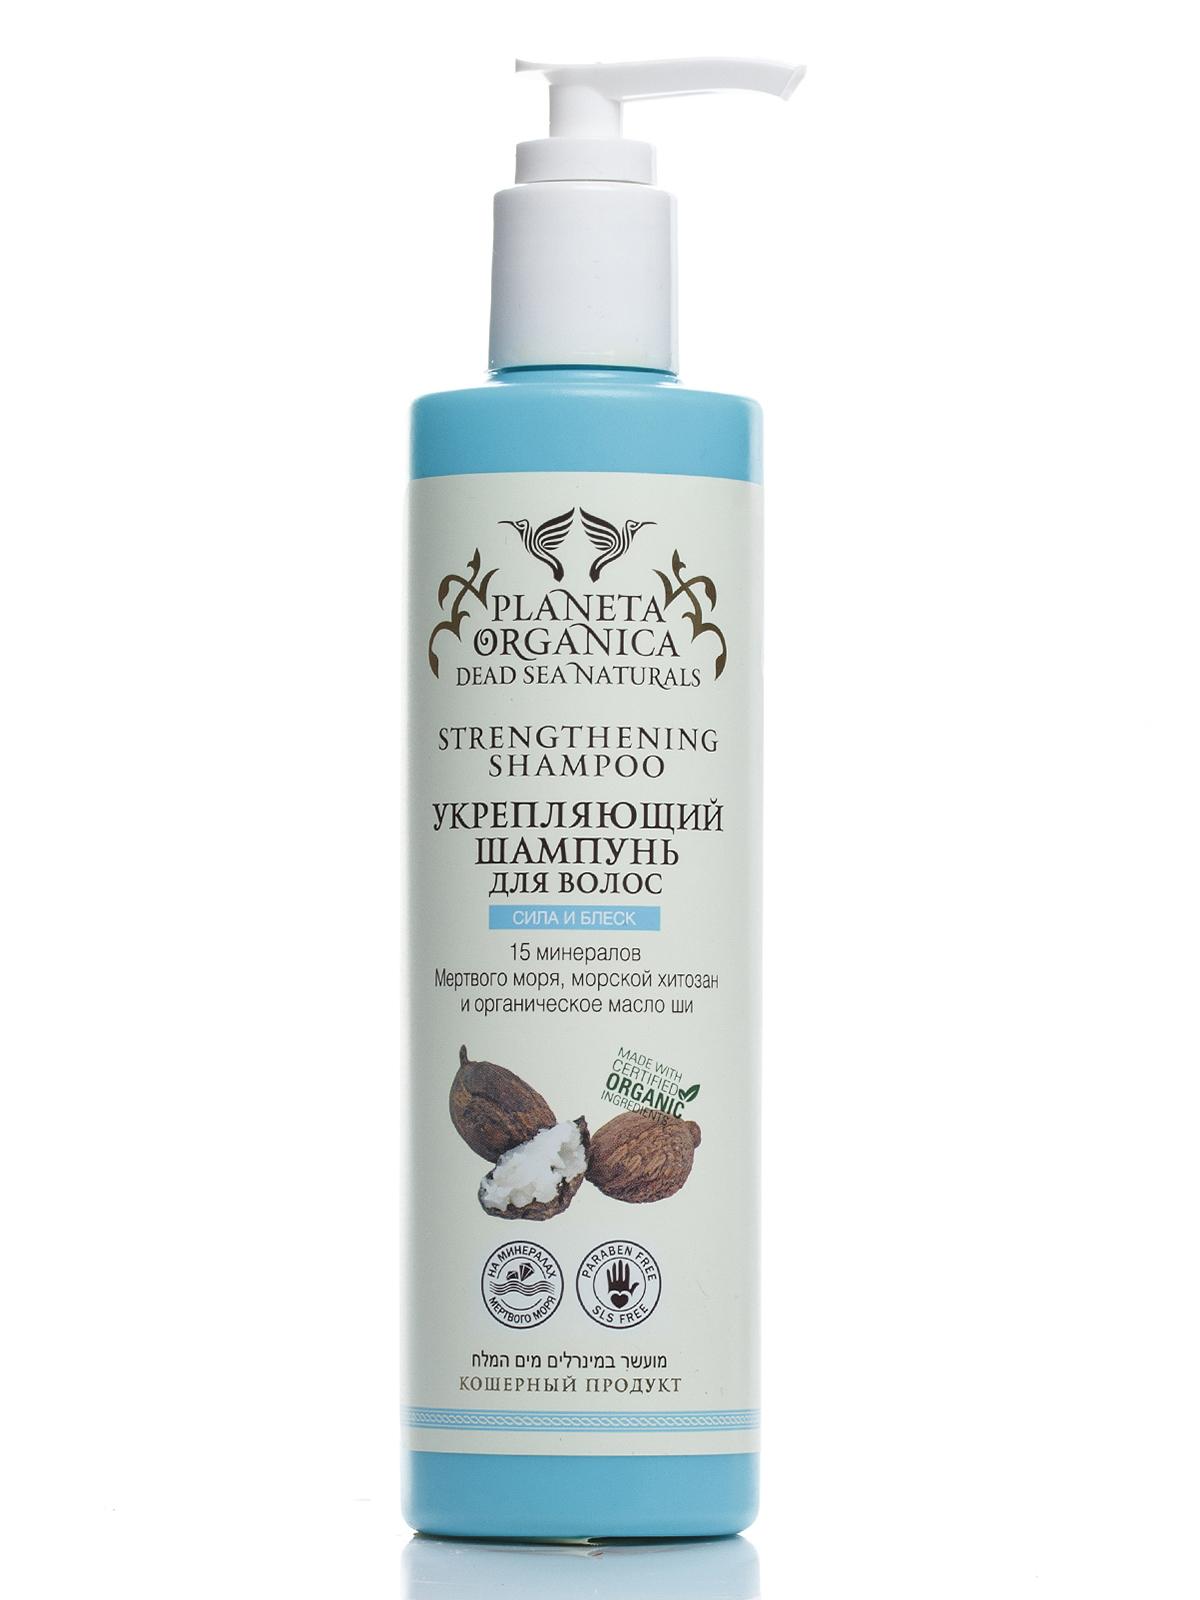 Planeta organica Dead sea naturals, Шампунь укрепляющий, 280 млFS-54114Укрепляющий шампунь, созданный на основе 15 минералов Мёртвого моря, мягко очищает, интенсивно питает волосы, придавая им мягкость, эластичность и здоровый блеск. Сертифицированные органические компоненты шампуня обладают питательными свойствами, укрепляют корни, заметно ускоряют рост волос. Морской хитозан восстанавливает повреждённую структуру волос, укрепляет их по всей длине. Органическое масло ши успокаивает и смягчает кожу головы, предотвращает появление перхоти.